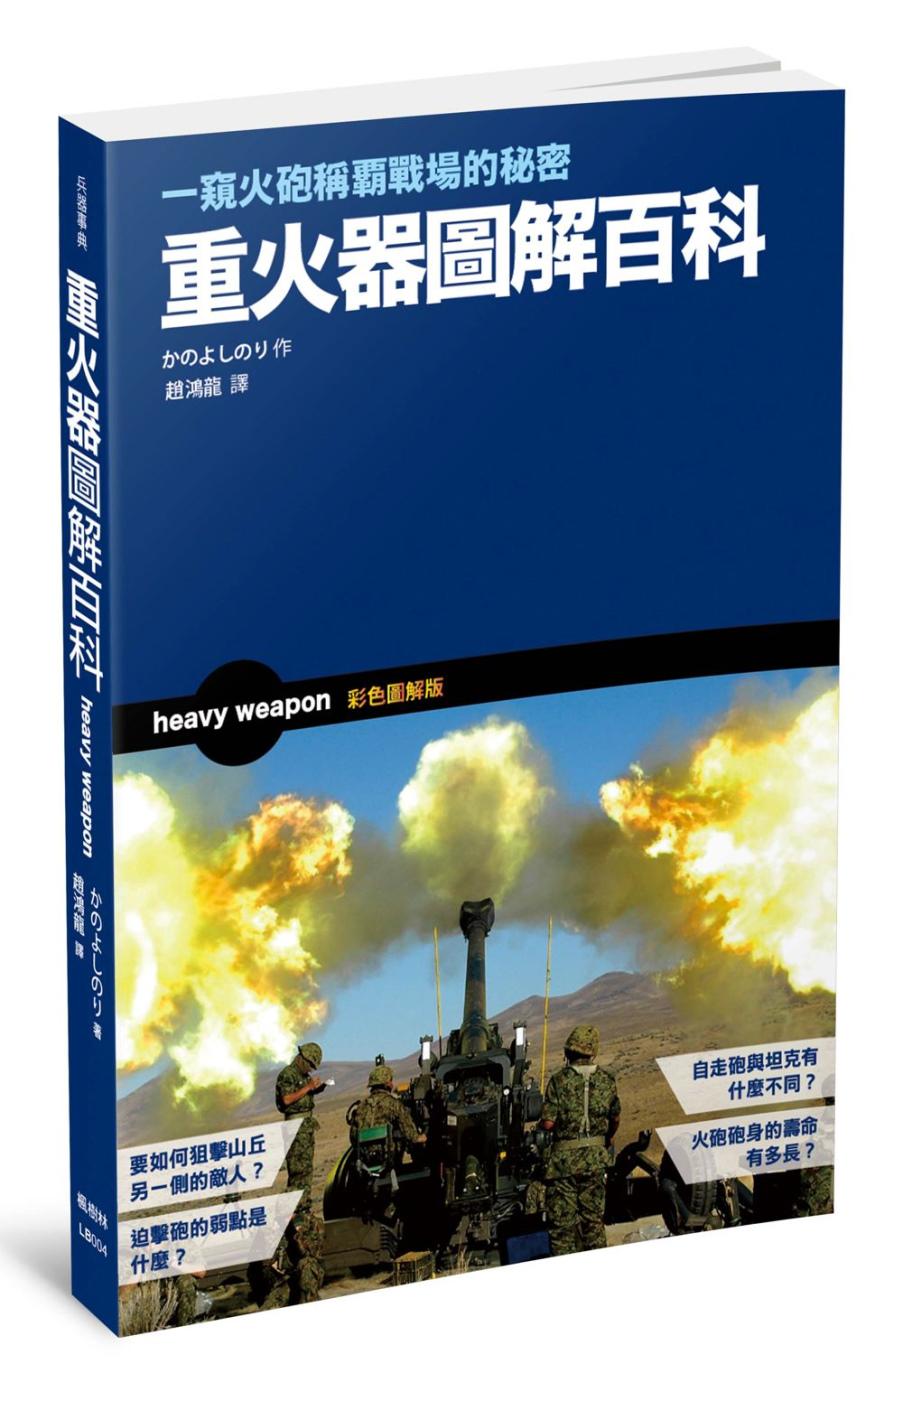 重火器圖解百科:一窺火砲稱霸戰場的秘密